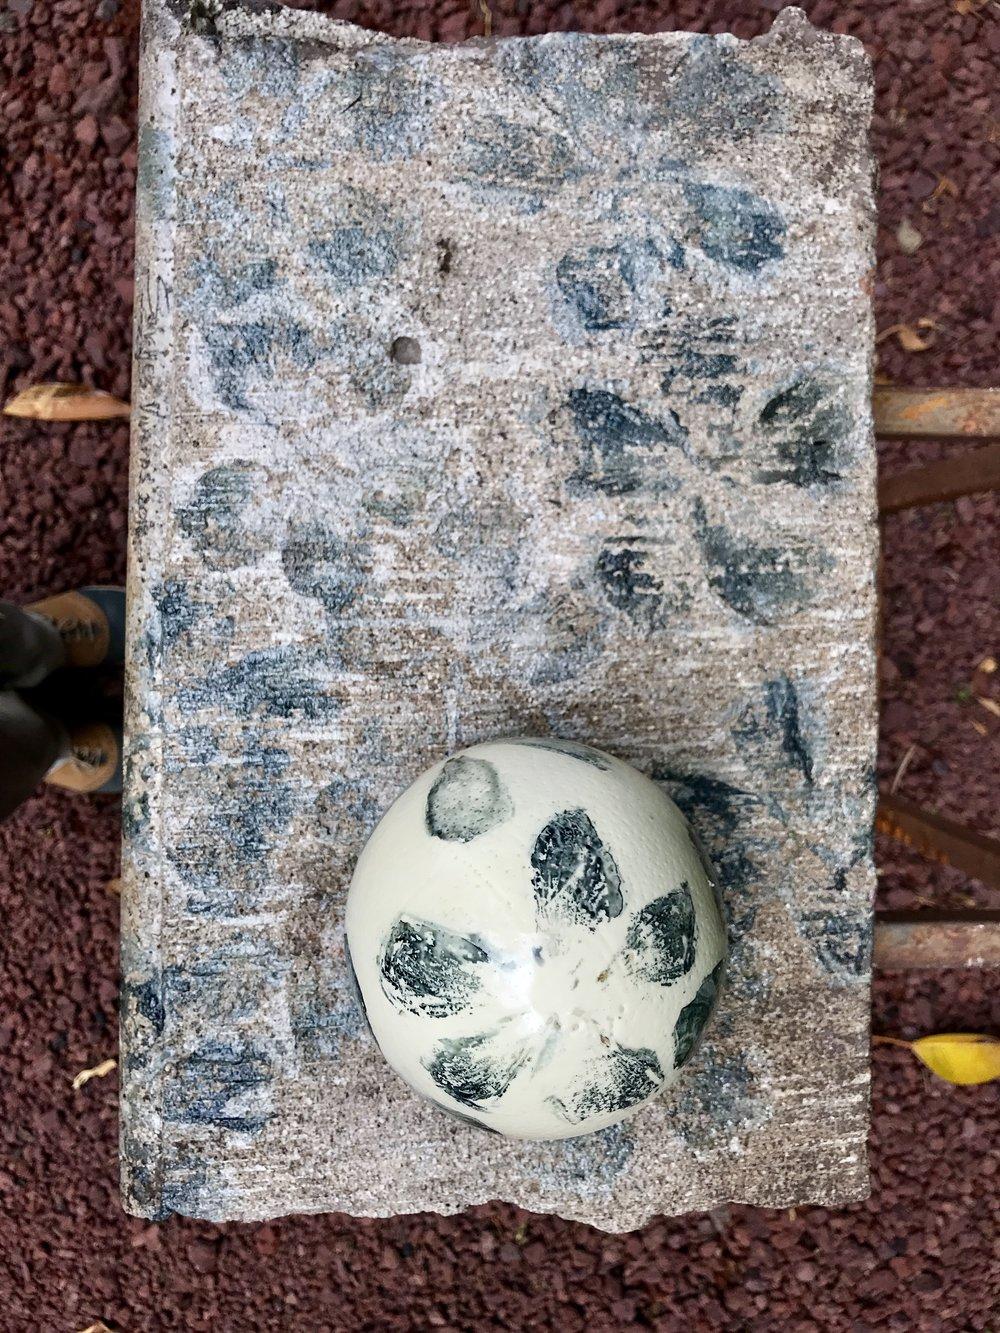 Renacer de una Esperanza , 2018  Fusión de Dos Colecciones  Técnica Mixta: Extracción de Pigmento Floral Sobre Concreto y Cáscara de Huevo de Avestruz Sobre Testigo de Escombro del Sismo del 19-IX-17 en Jojutla, Morelos.  51.5 x 32.5 x 25 cm